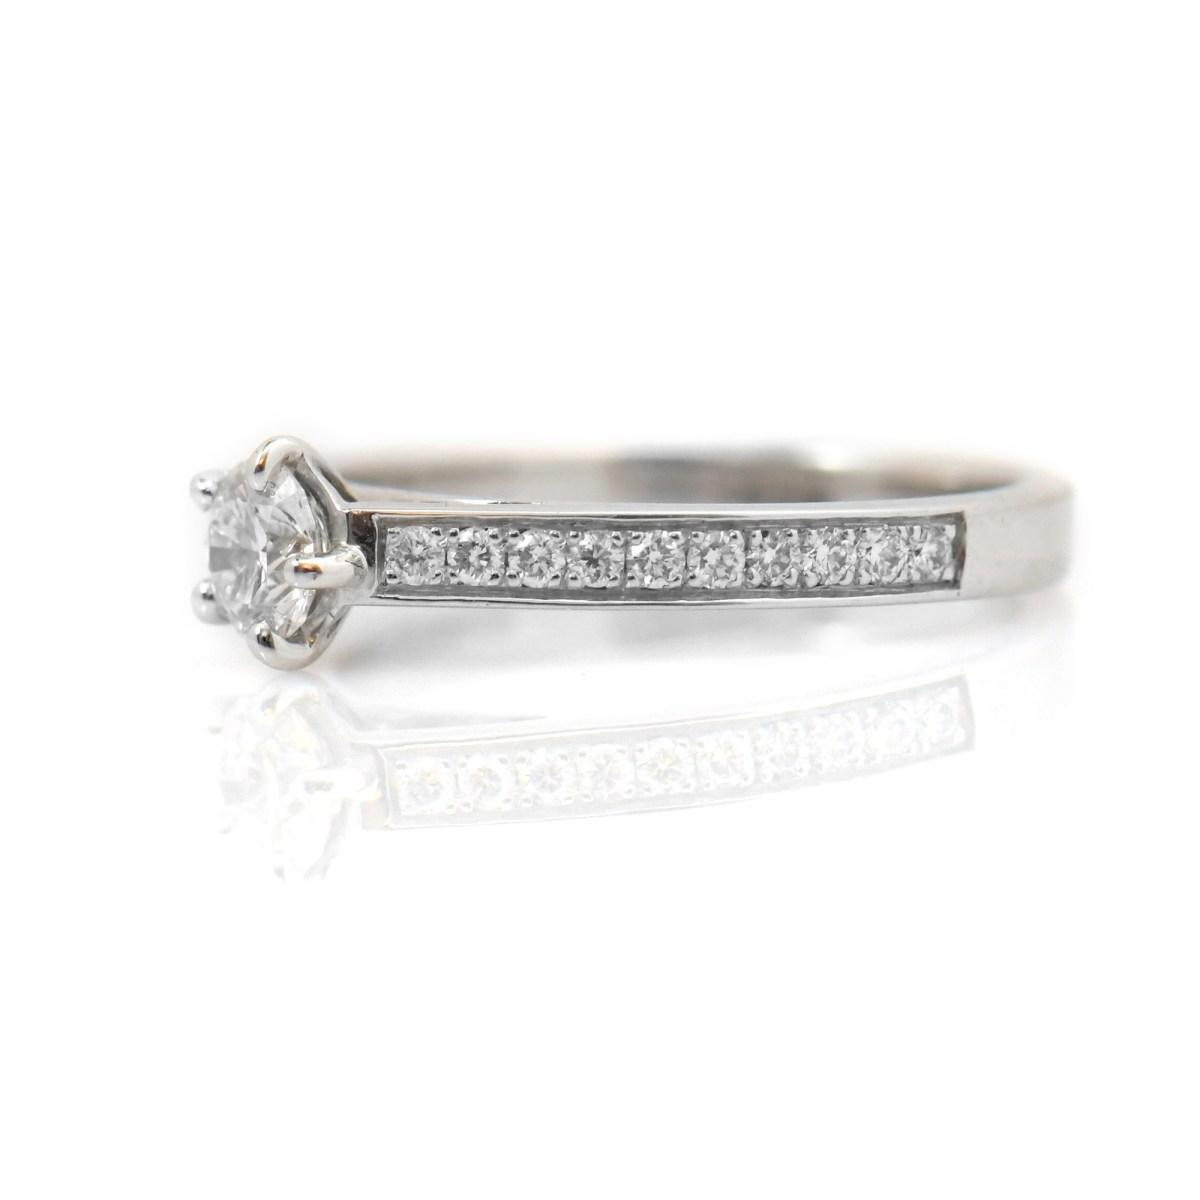 Bague diamant et platine CHAUMET | Référence : BA-B16598